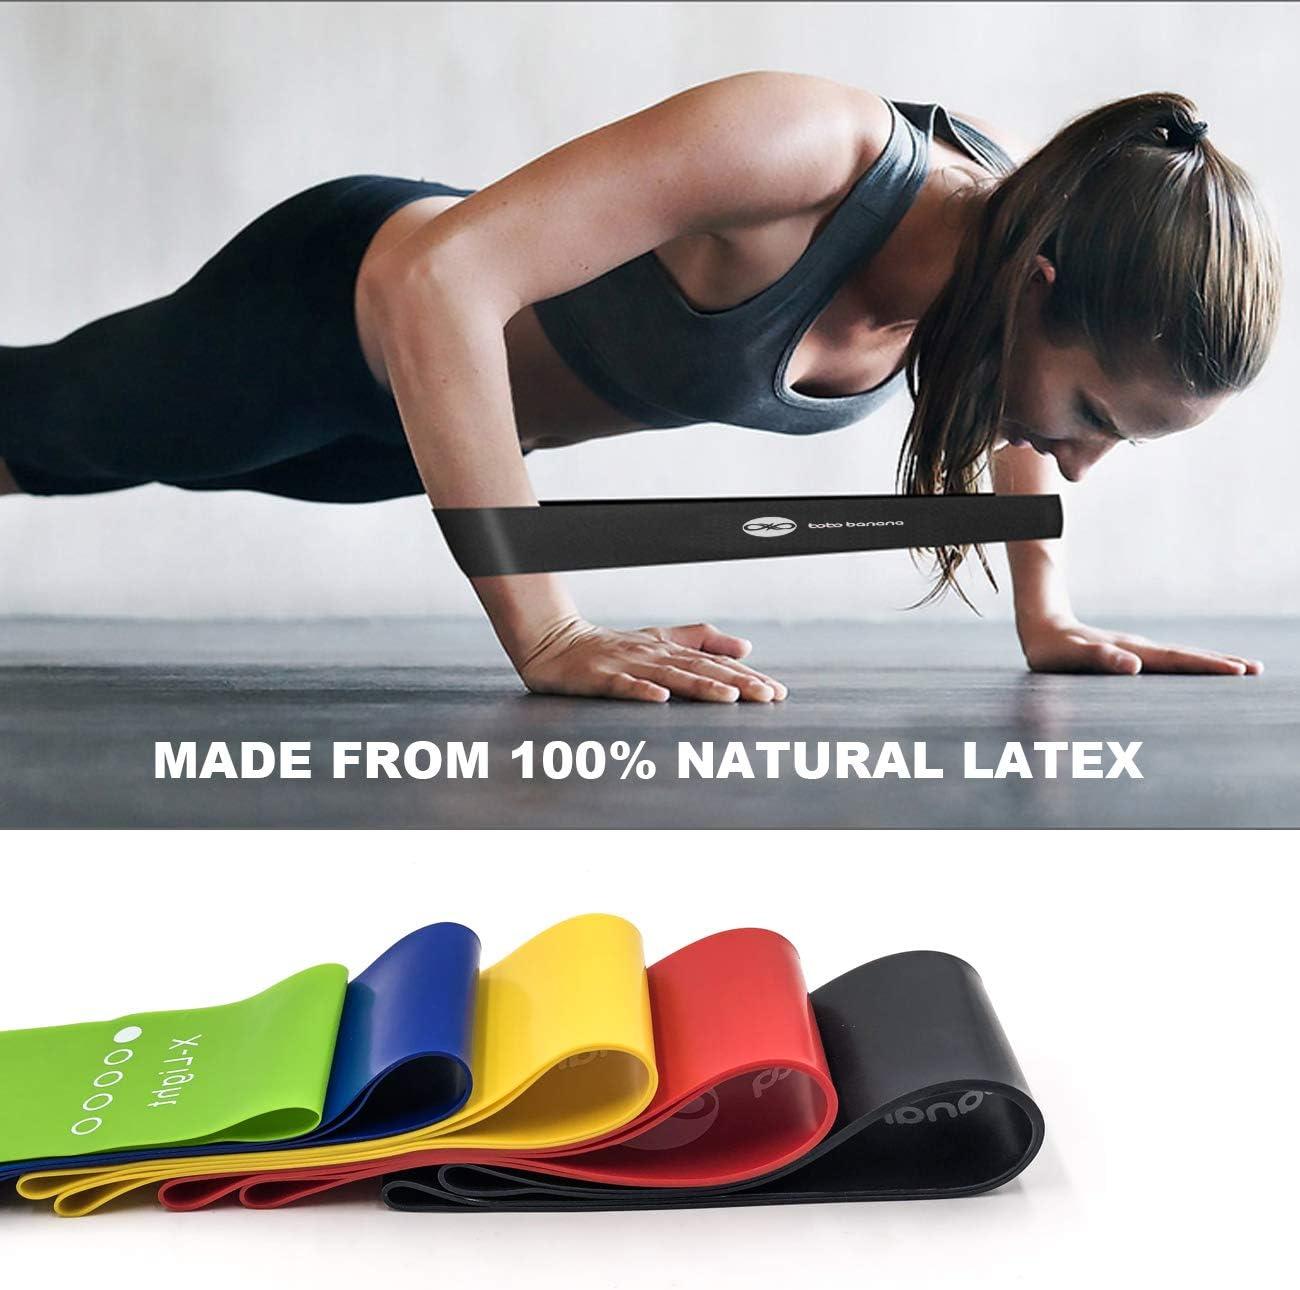 Set von 5 Fitnessger/äte zu Hause Widerstandsb/ändern f/ür Beine und Ges/ä/ß bobo banana Widerstandsb/änder Fitness-/Übungsb/änder mit 5 verschiedenen Widerstandsstufen /Übungsb/änder Yoga und Training.